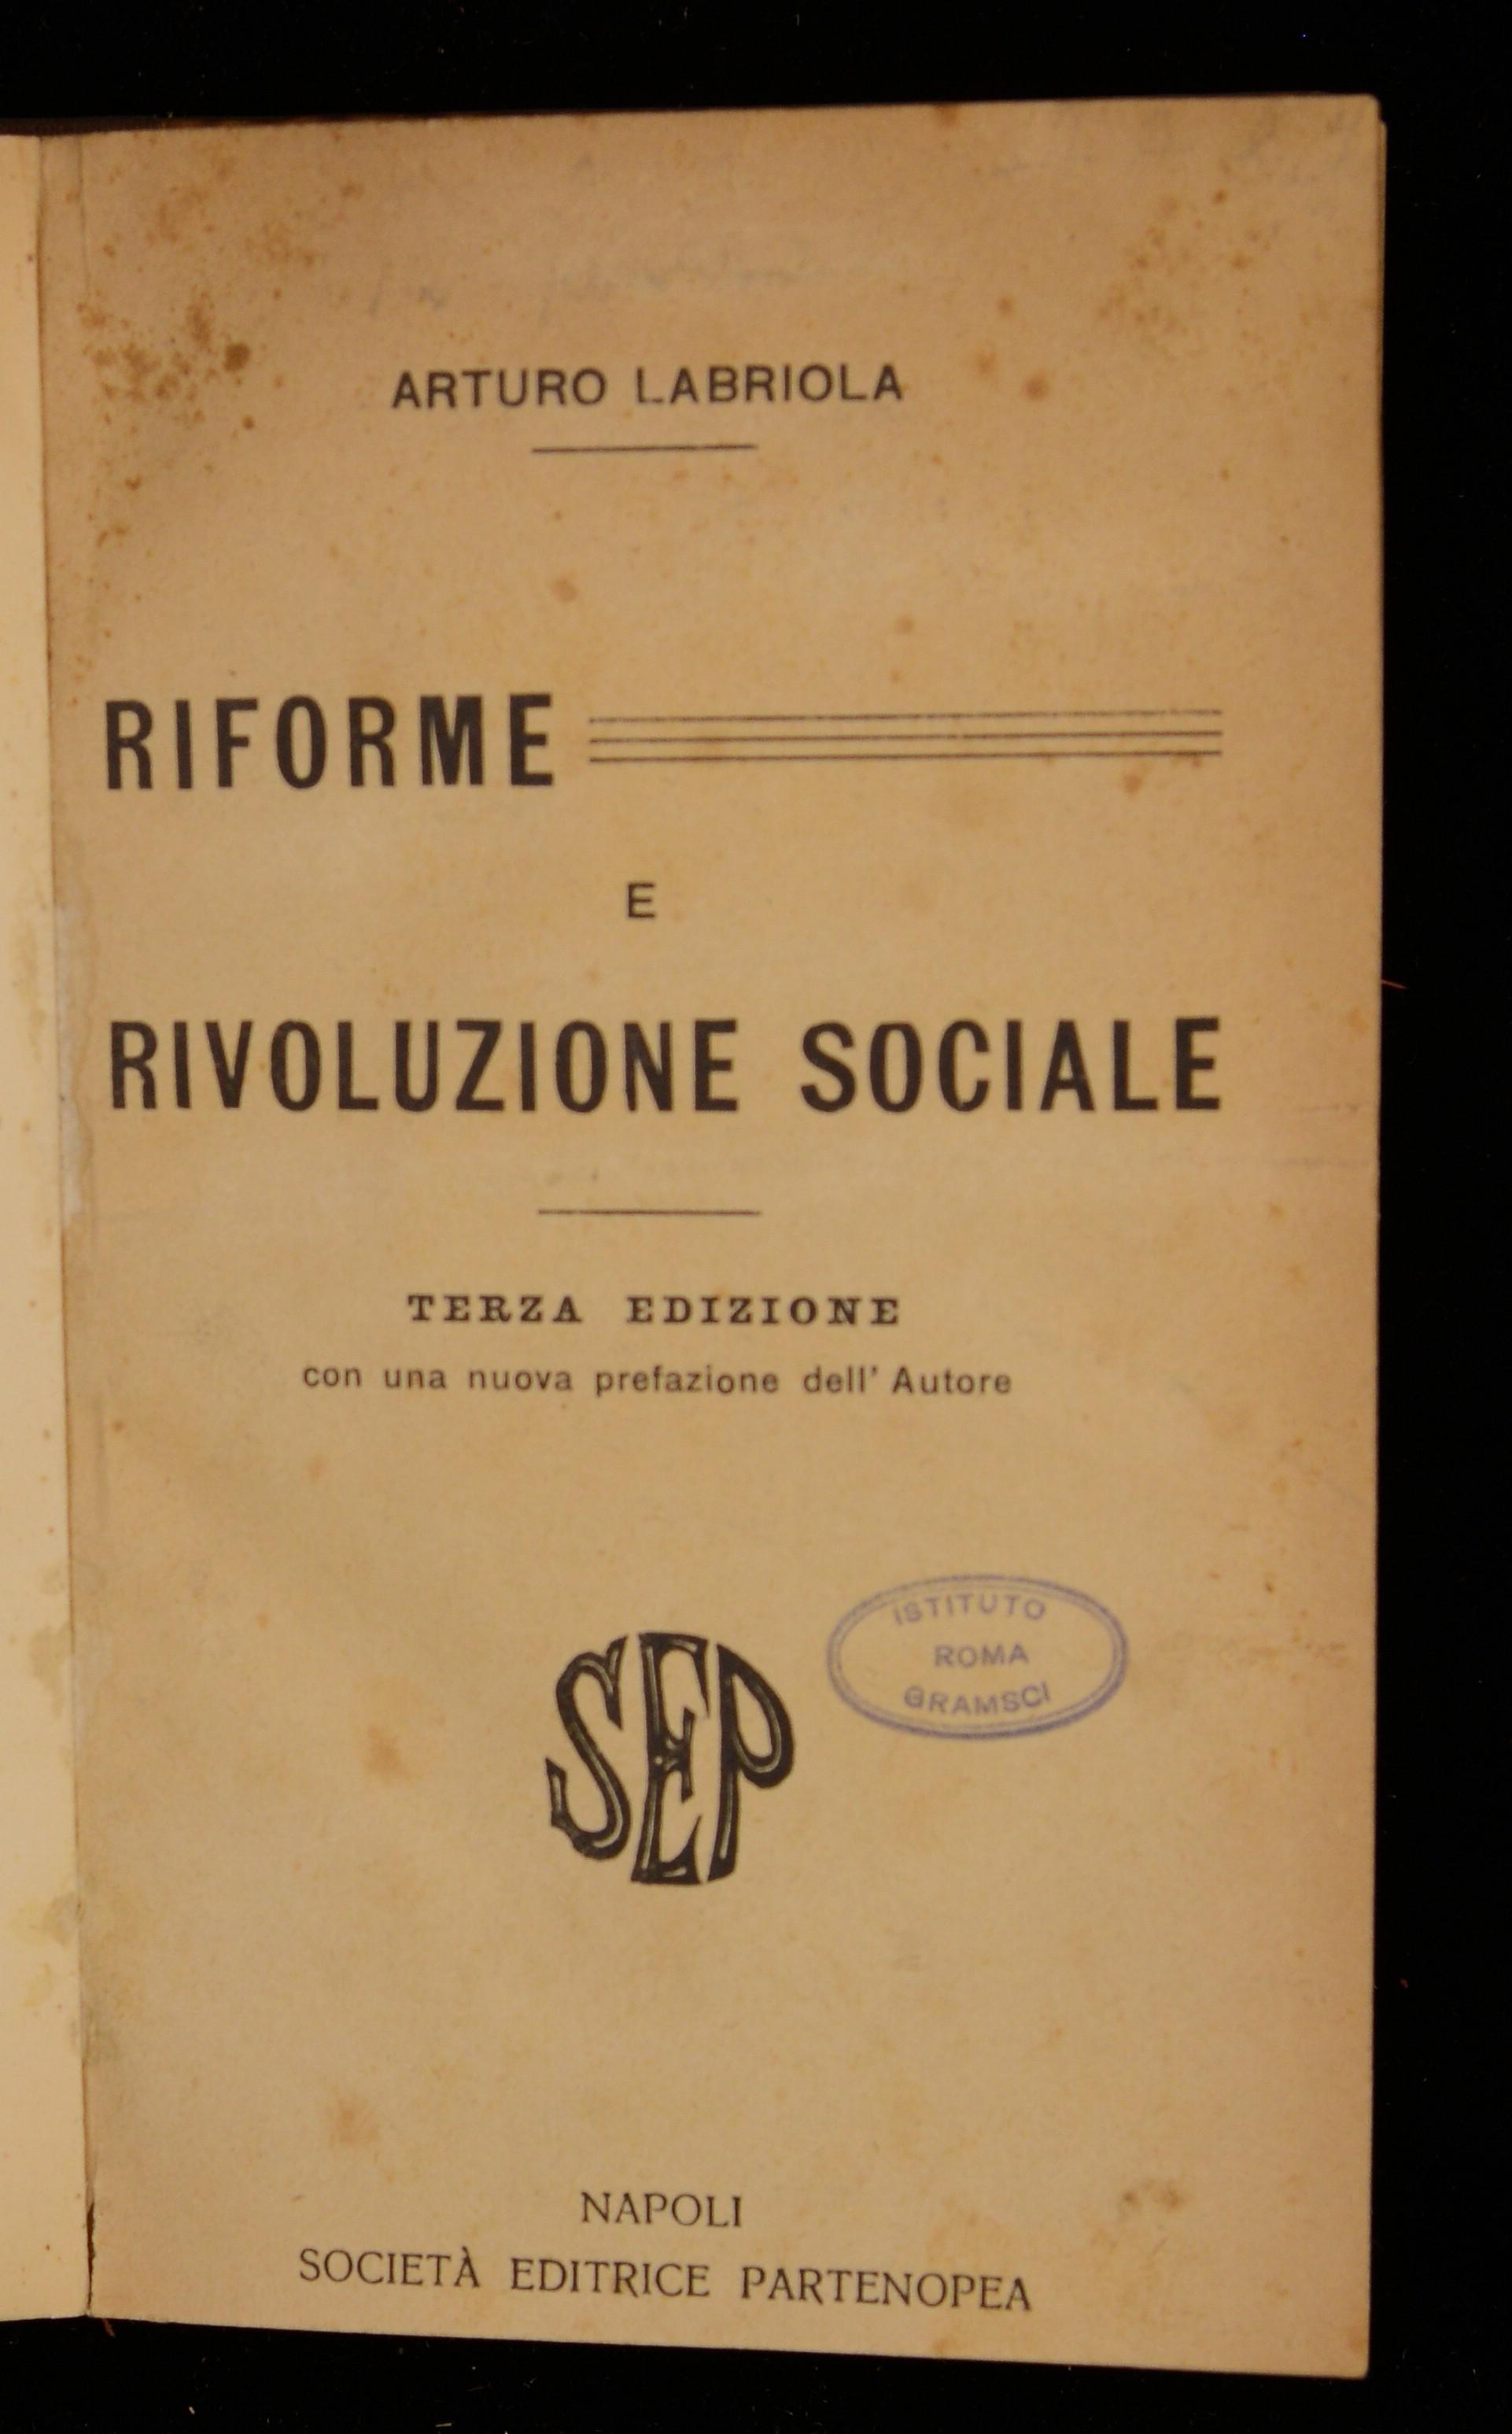 Riforme e rivoluzione sociale